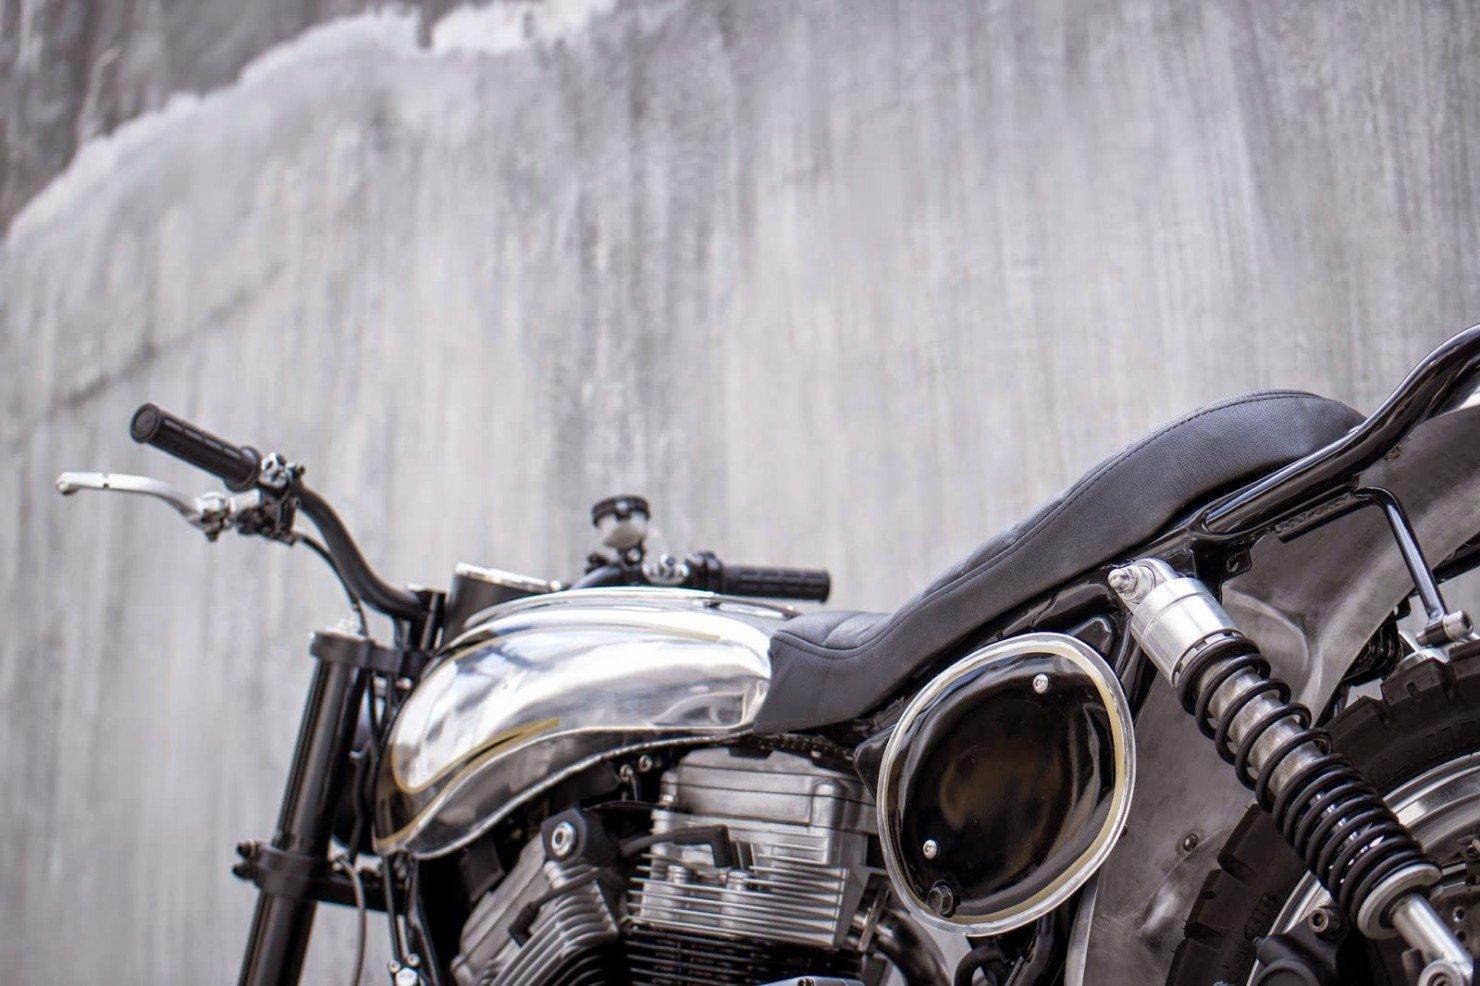 Harley-Davidson-Scrambler-Motorcycle-28